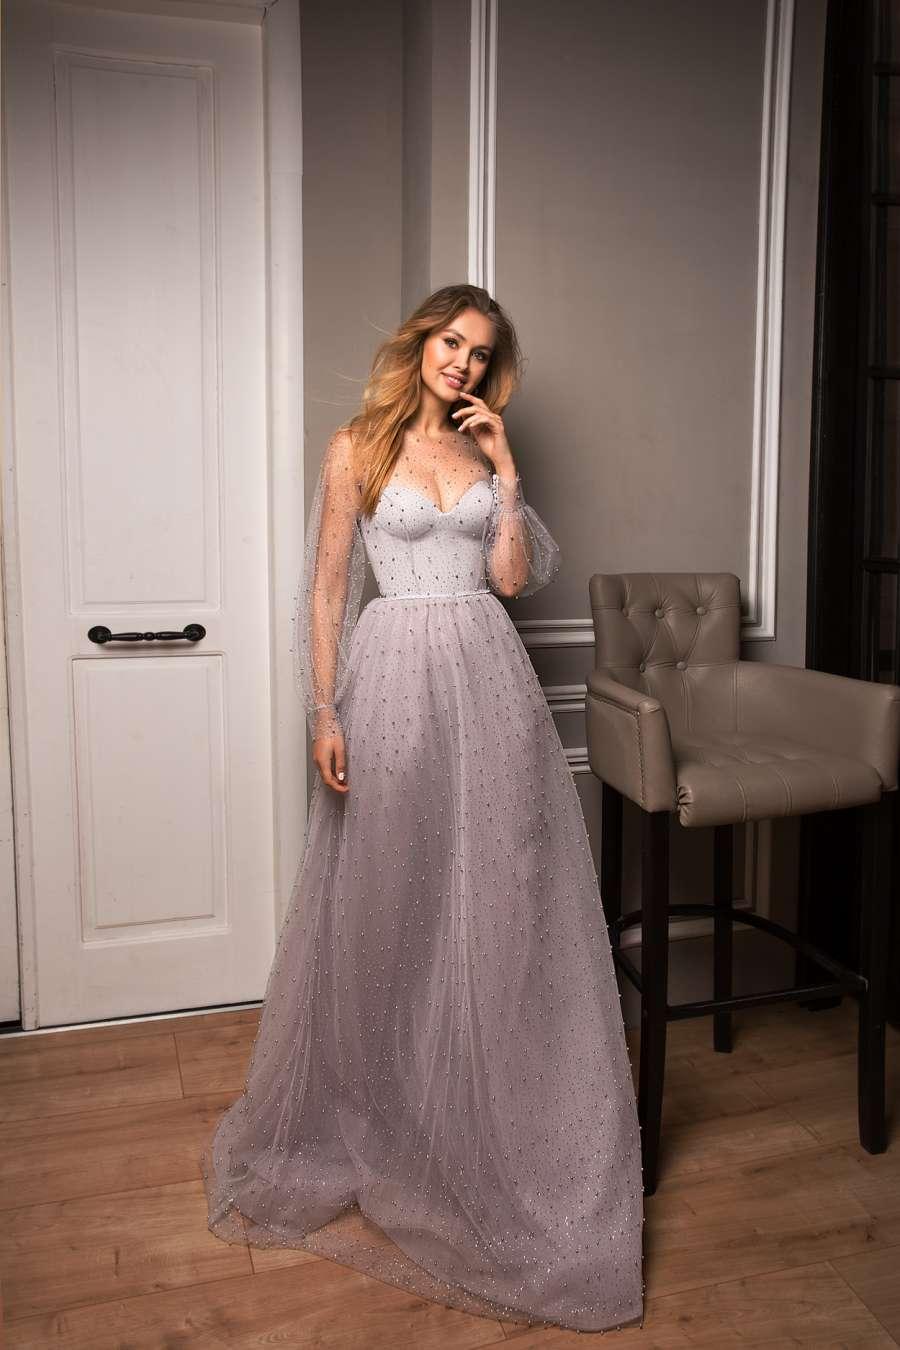 Вечерние платья от салона Мадейра